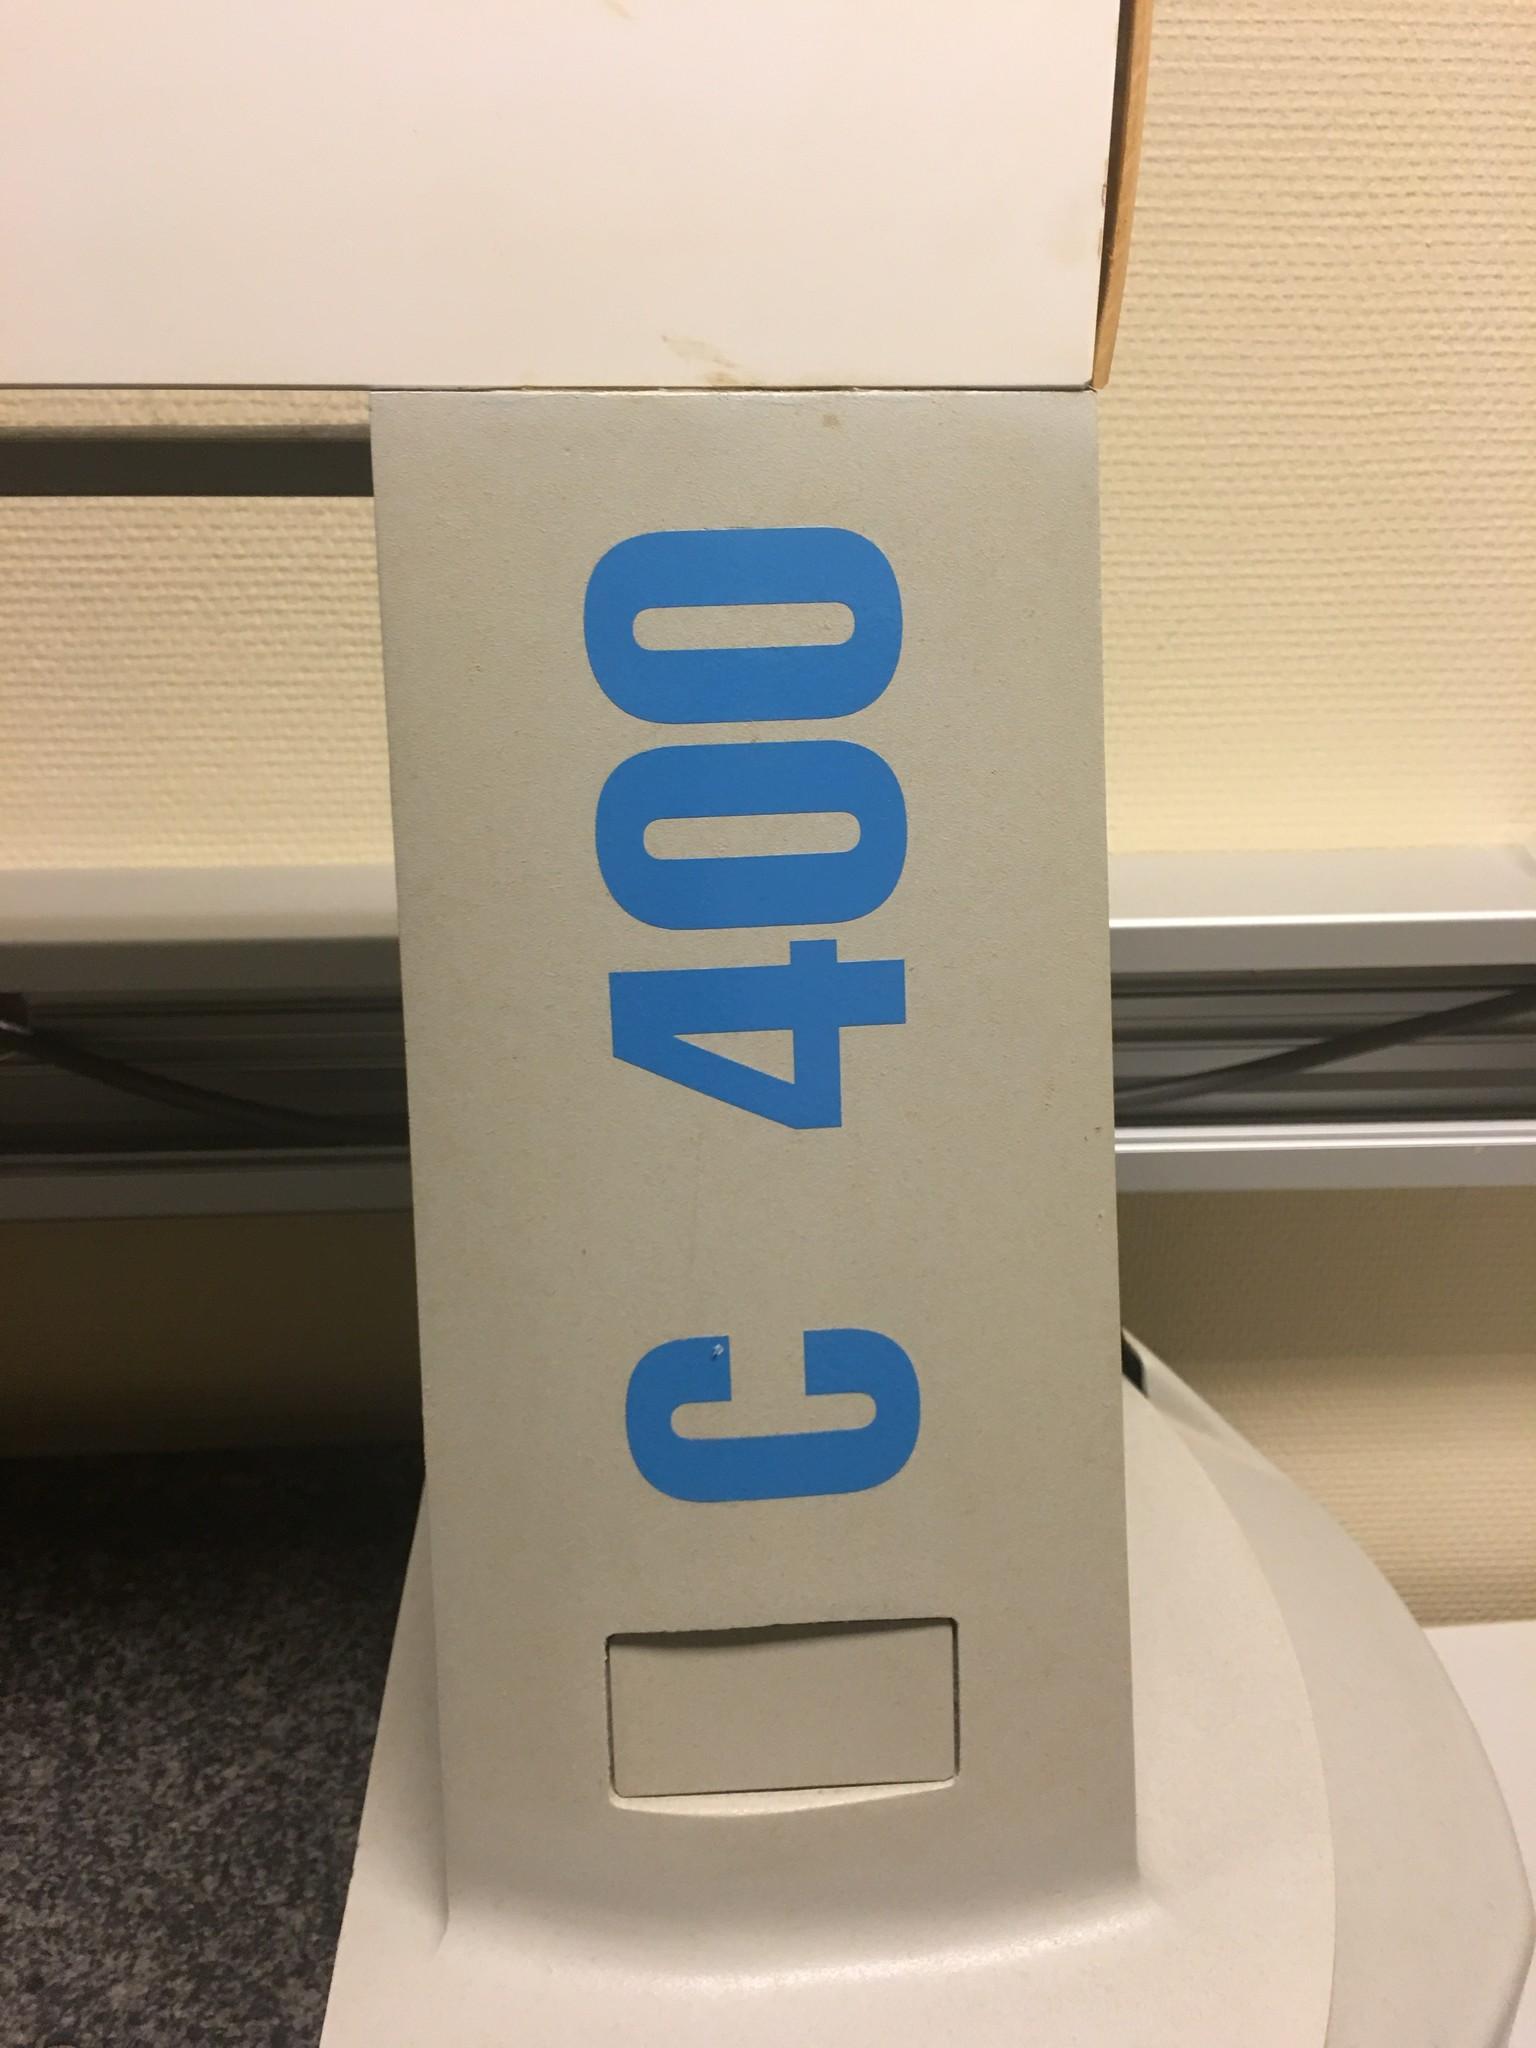 Zeiss Zeiss C400 meetmachine